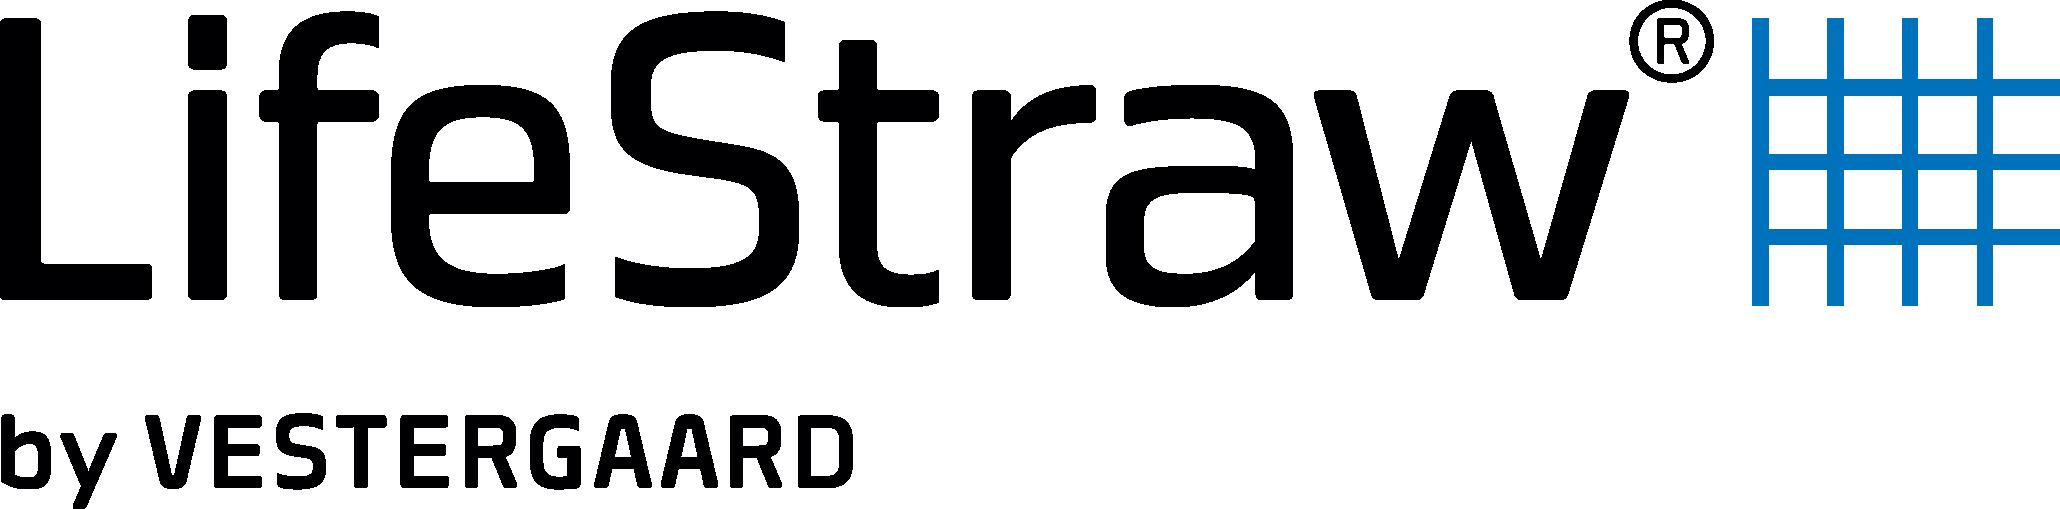 Logo lifestraw (1)(1).png